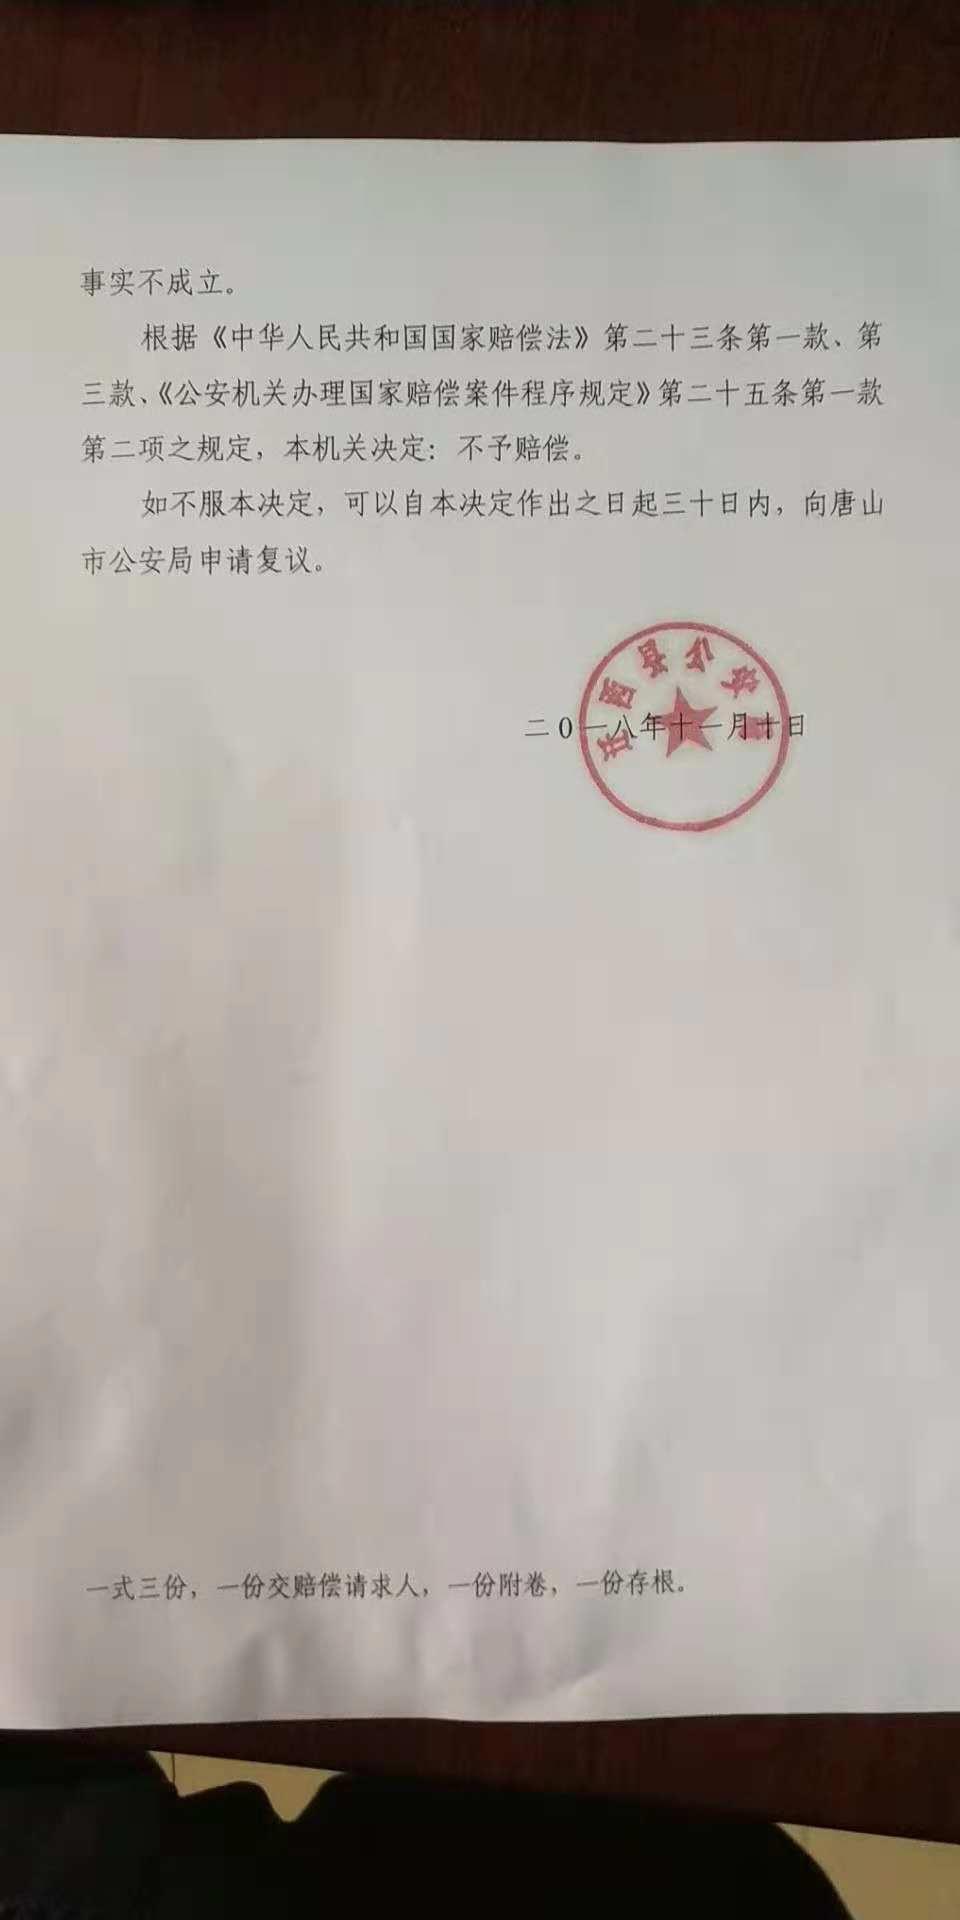 """廖海军案续:公安局自查""""刑讯逼供""""不成立不予赔偿"""